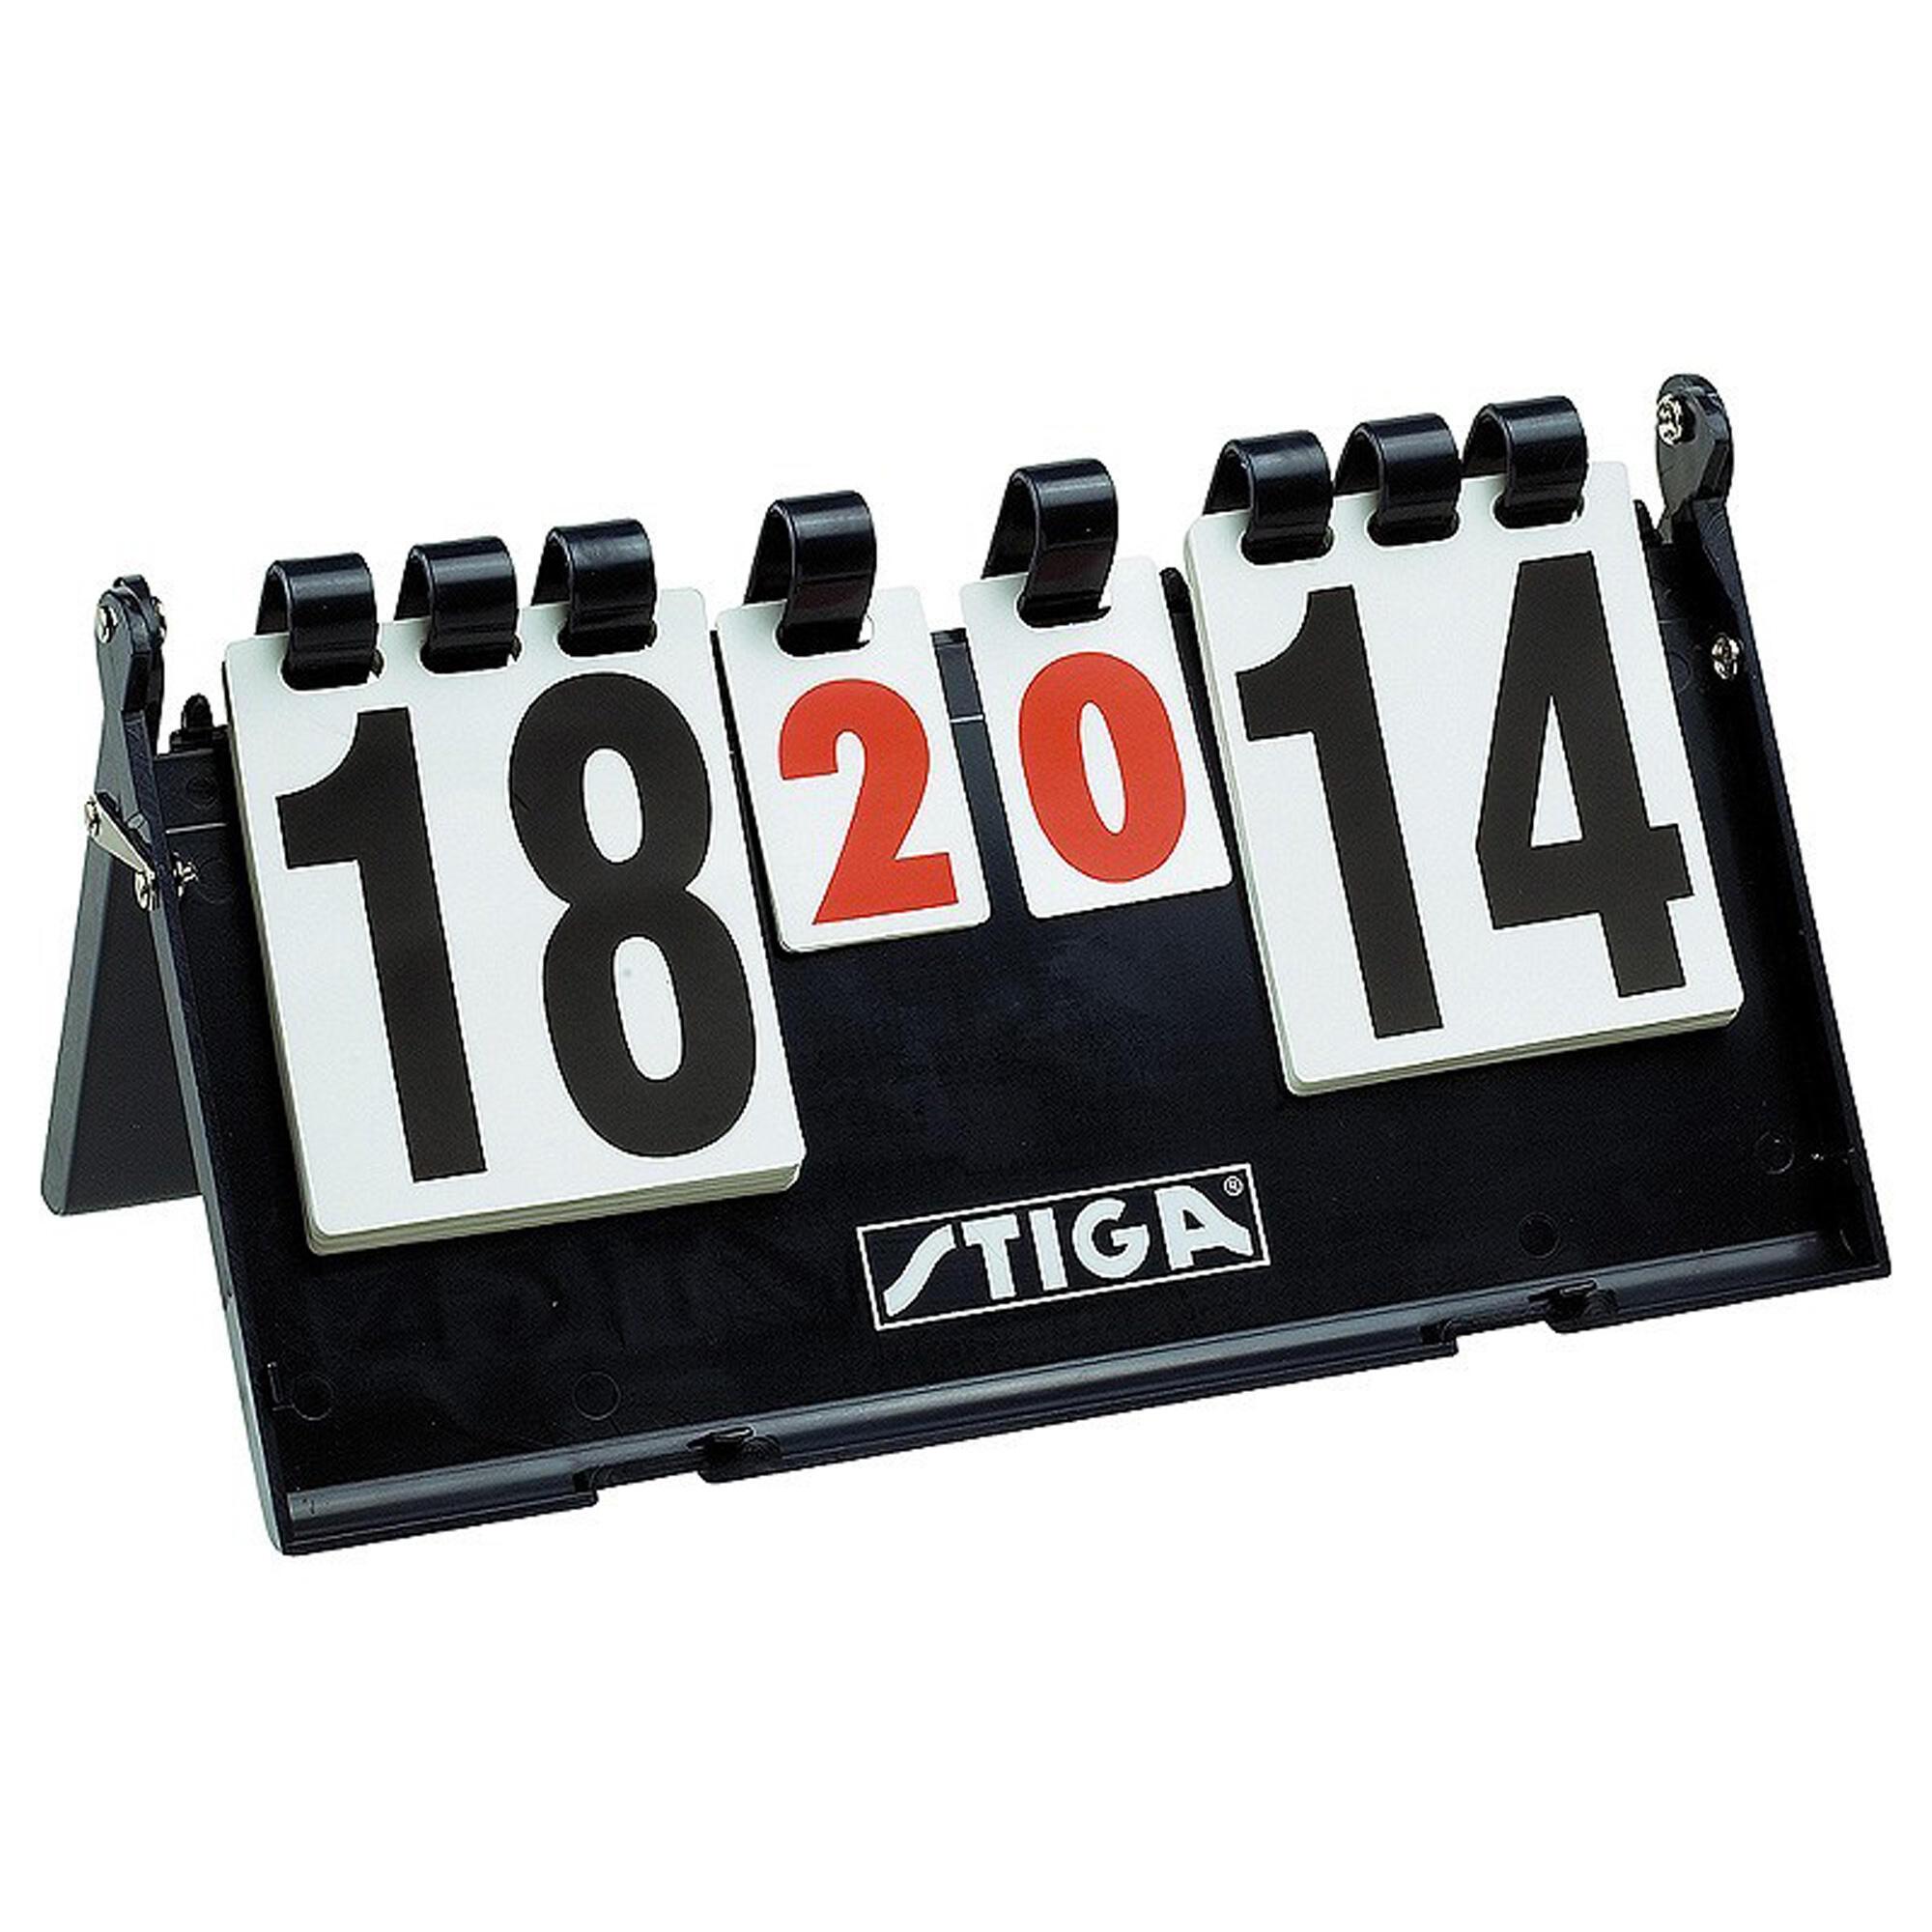 Stiga Tafelscorebord voor tafeltennis kopen met voordeel